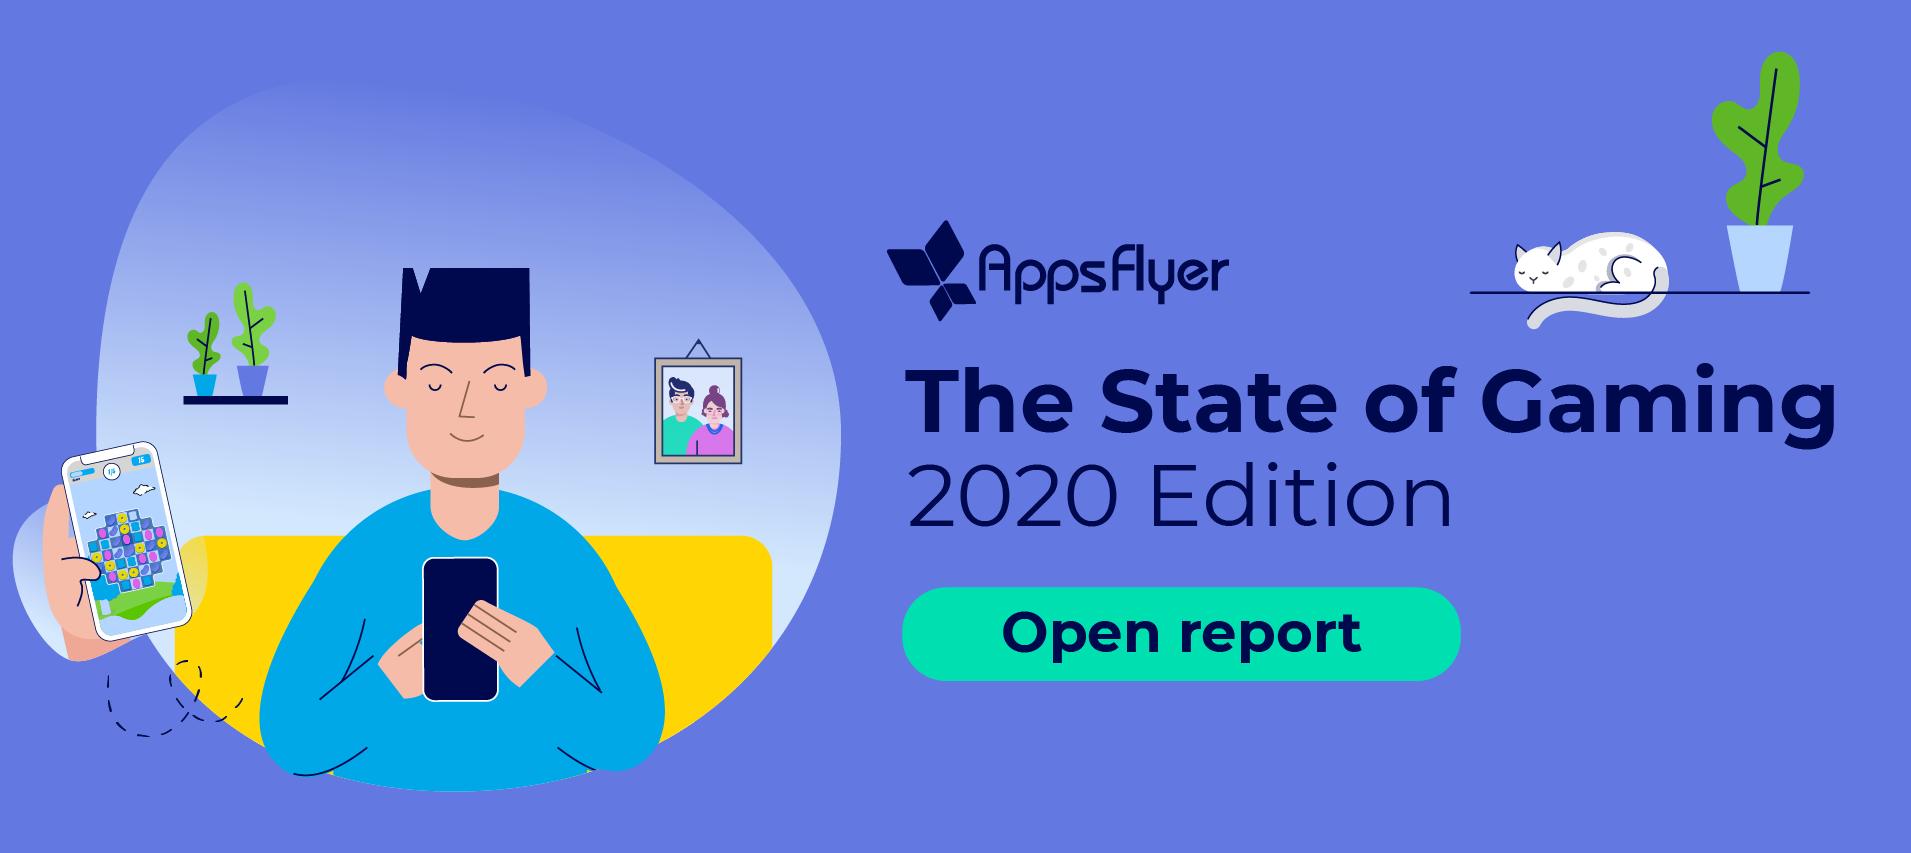 mobile gaming 2020 full report